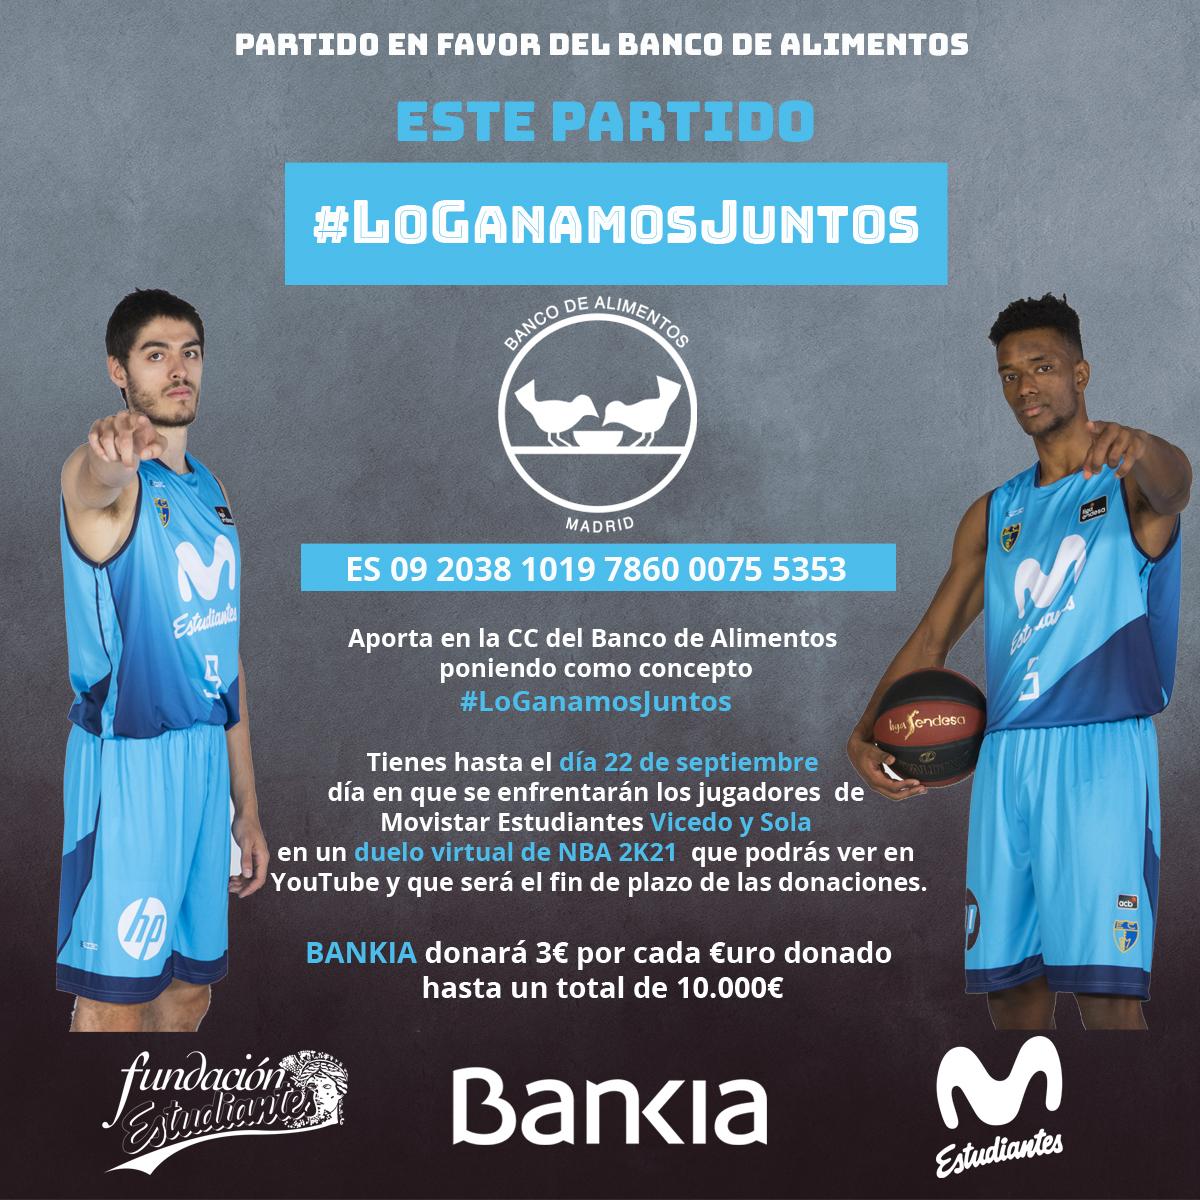 Bankia y Fundacion Estudiantes recaudan fondos en favor del Banco de Alimentos con un partido de baloncesto virtual